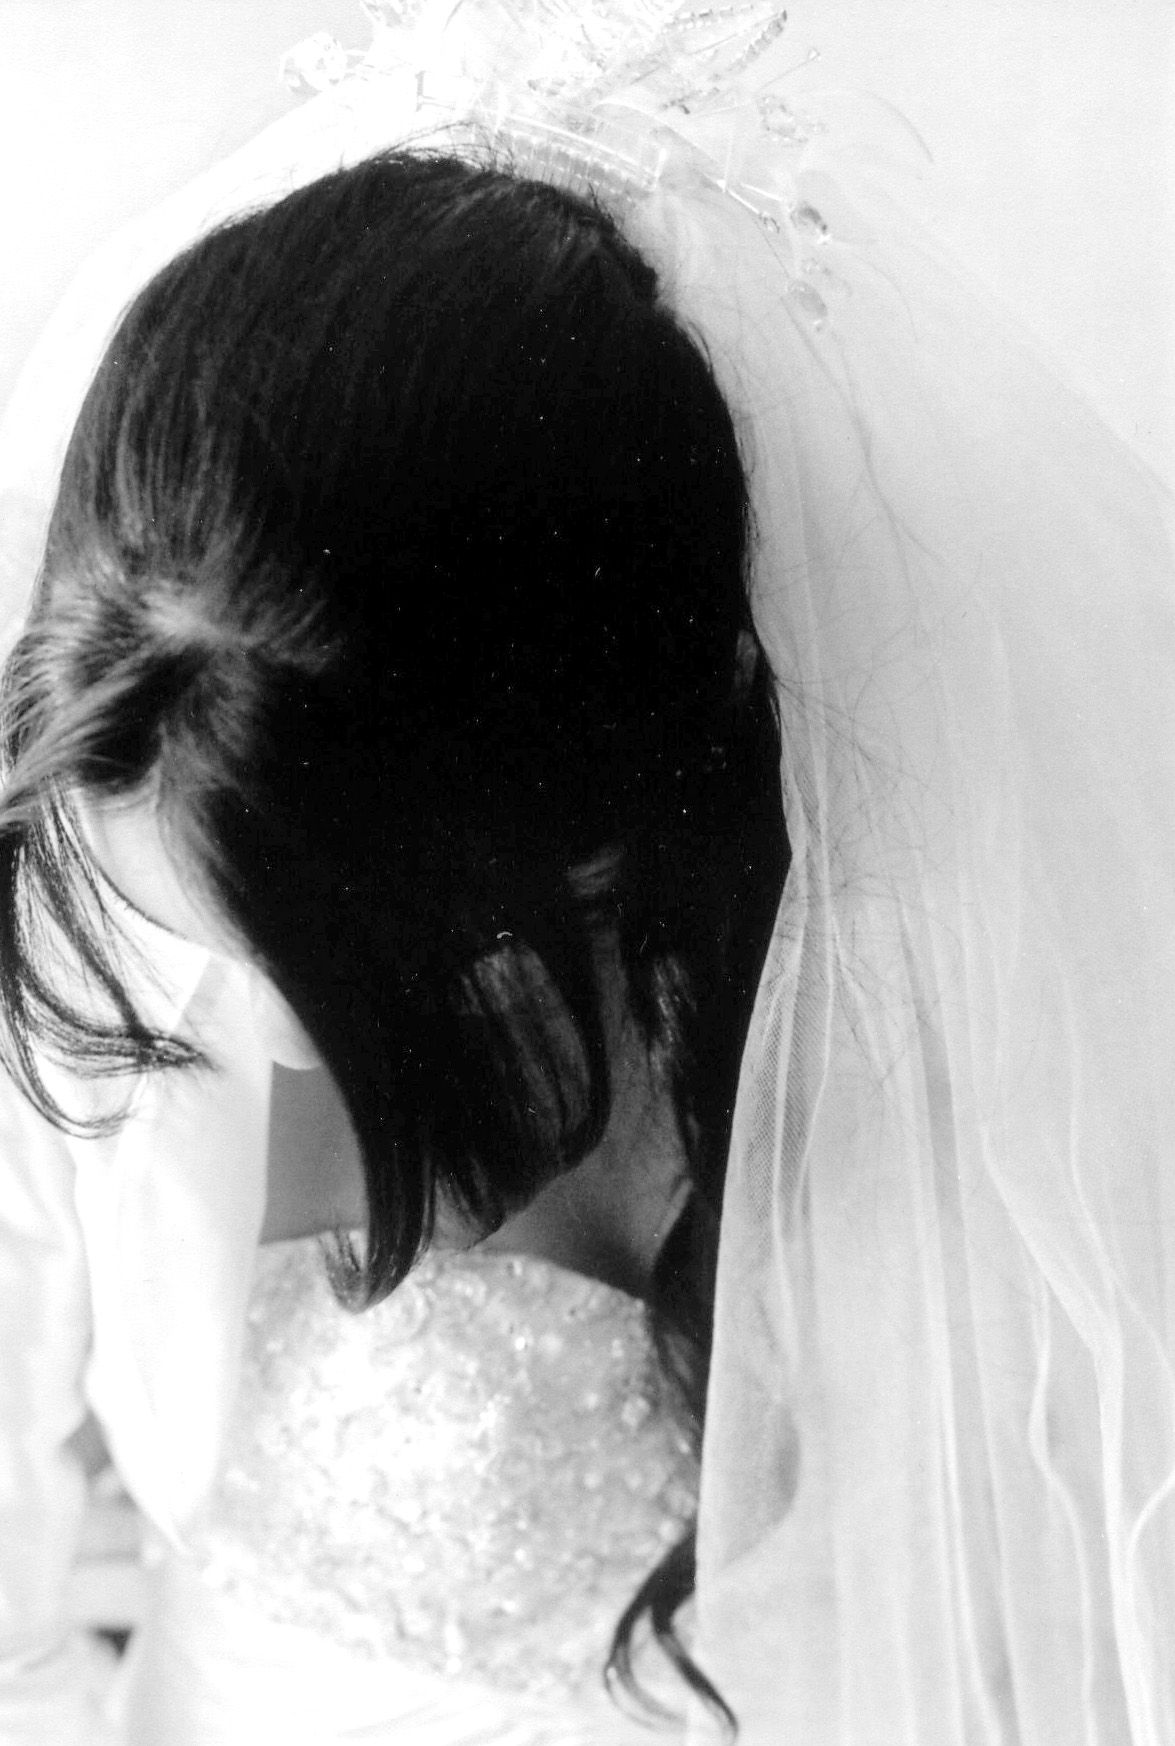 Se vende vestido de novia (un cuento corto)